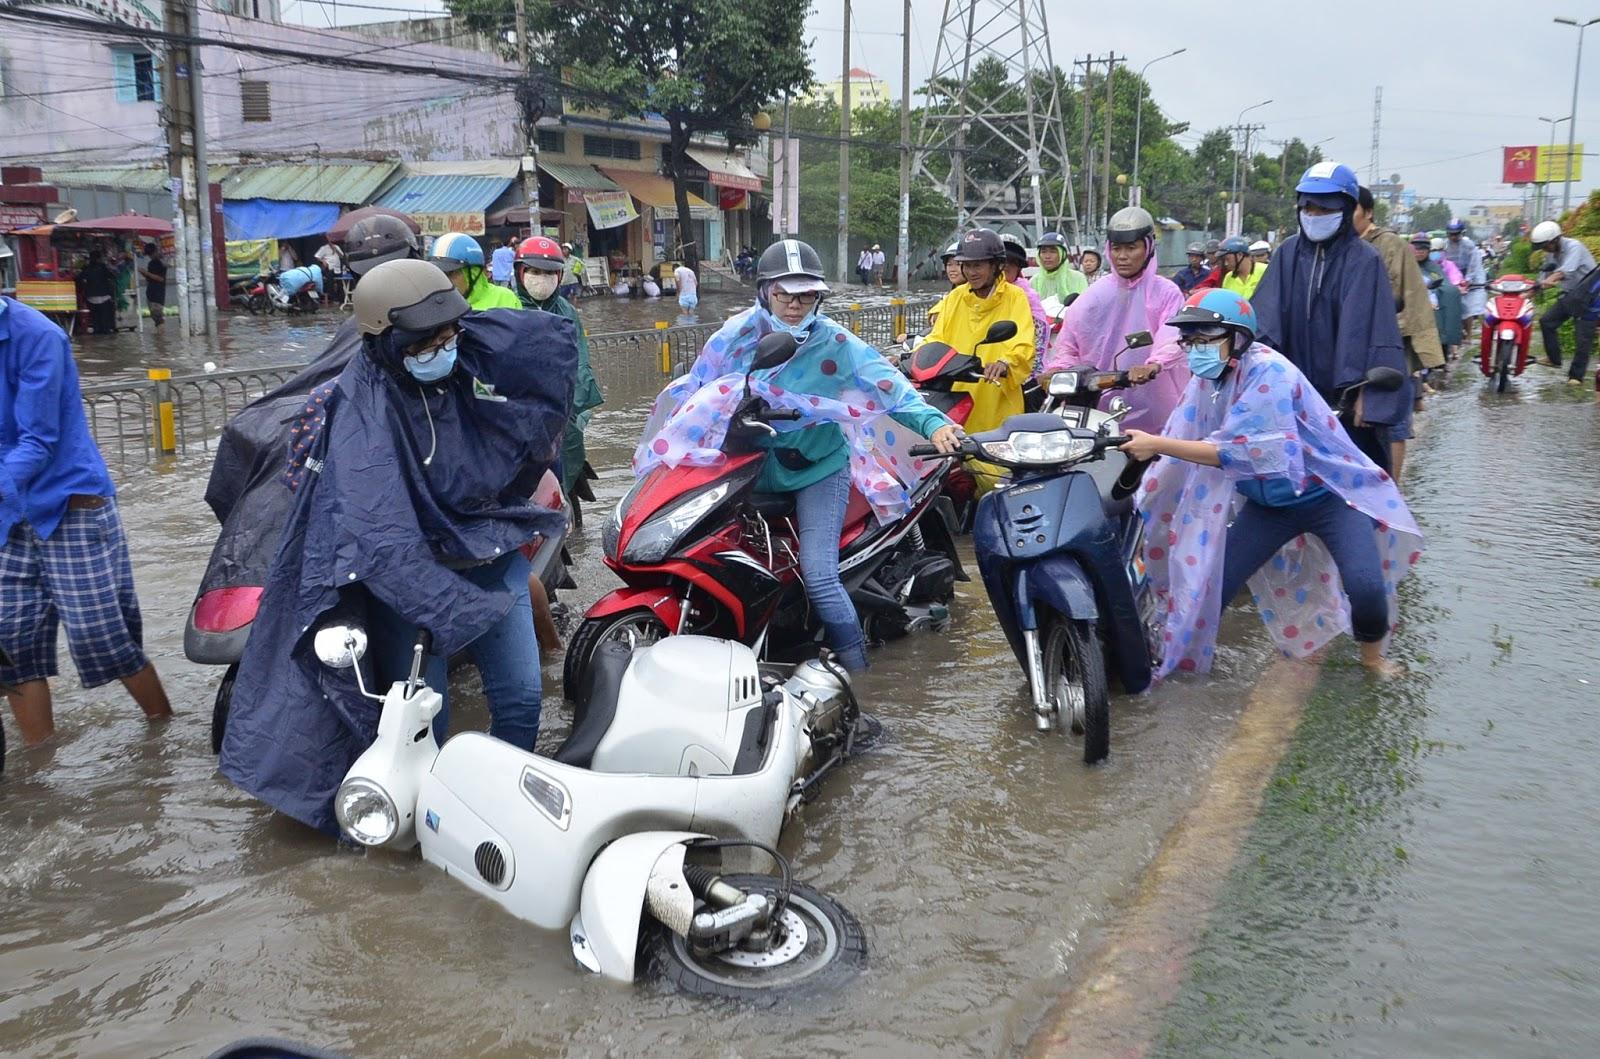 Nước ngập gần hết bánh xe, khiến nhiều chiếc xe bị chết máy giữa đường.